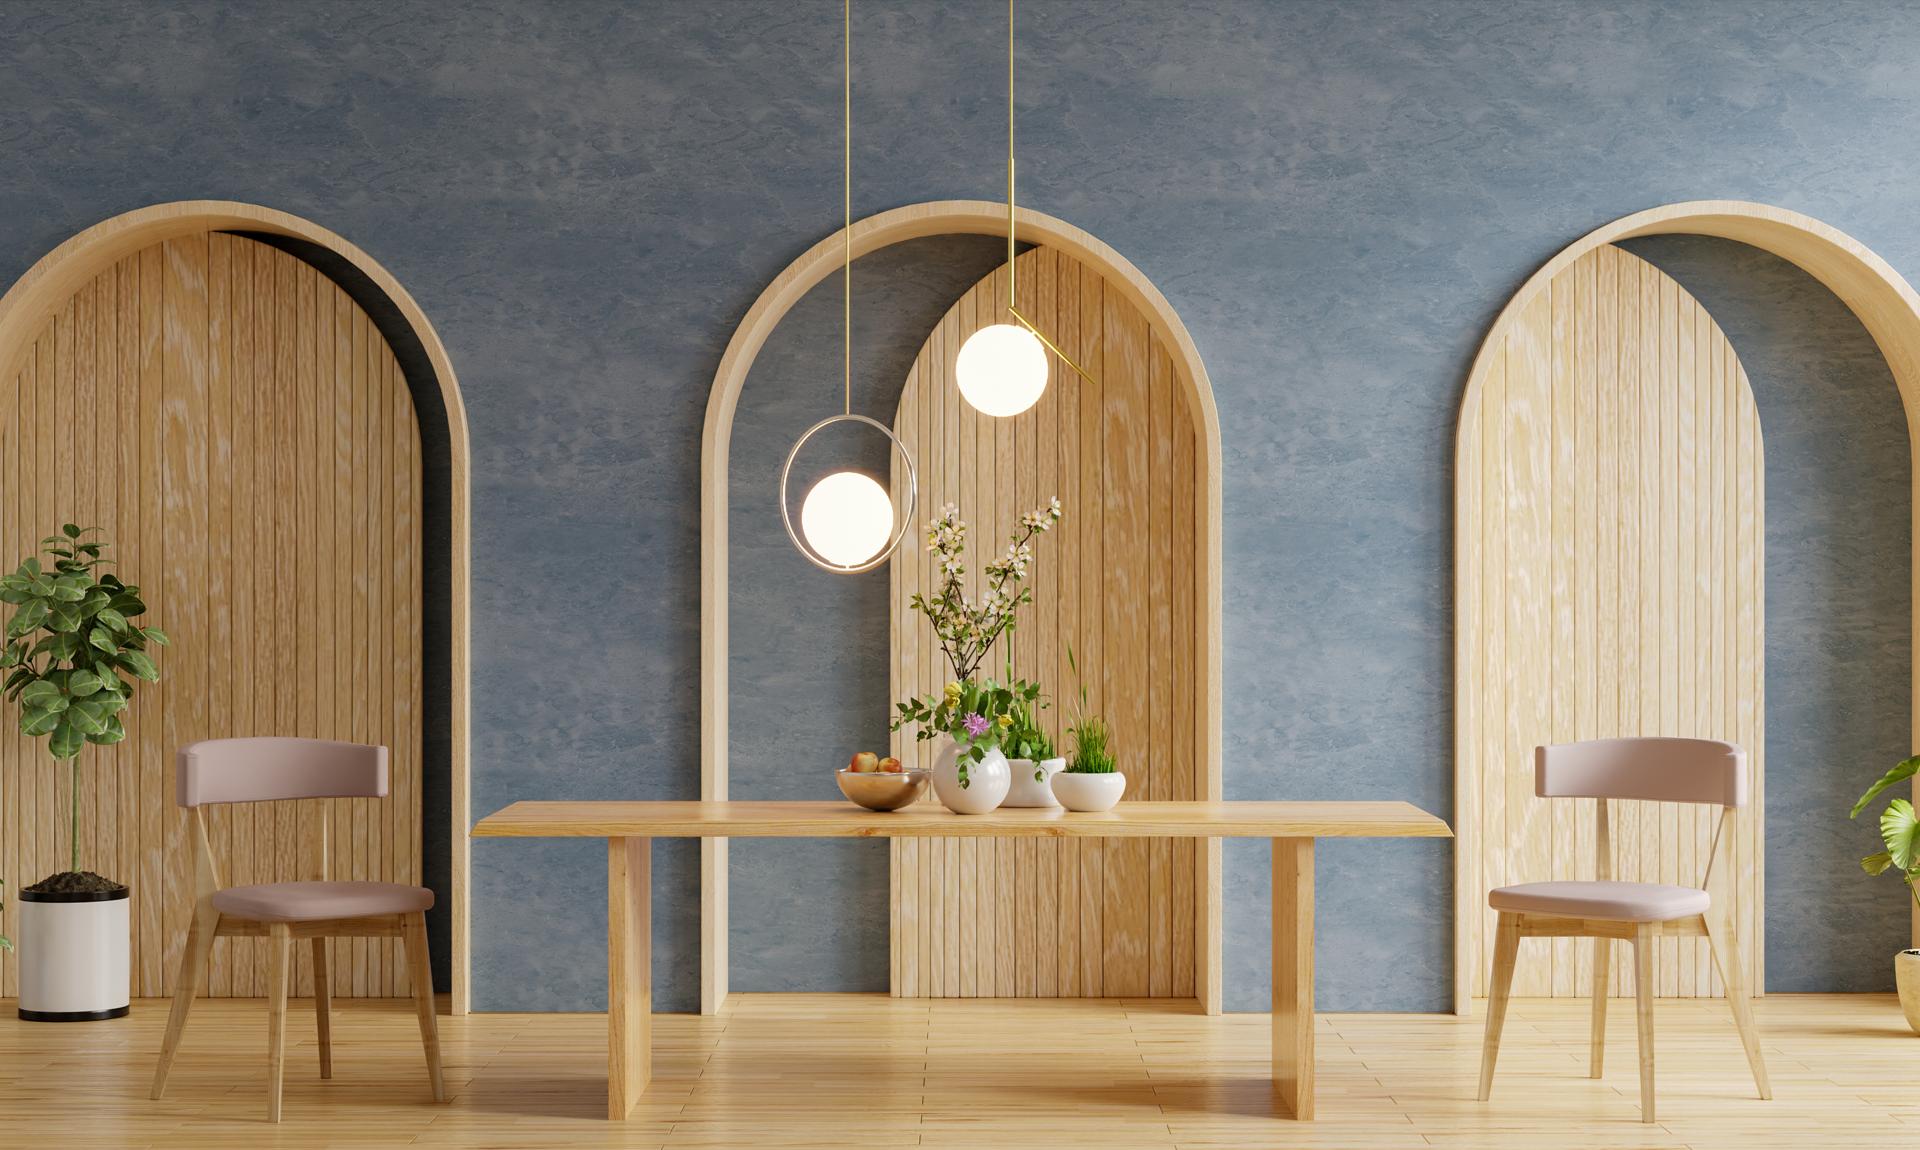 Arredamento italiano/italian furnishing